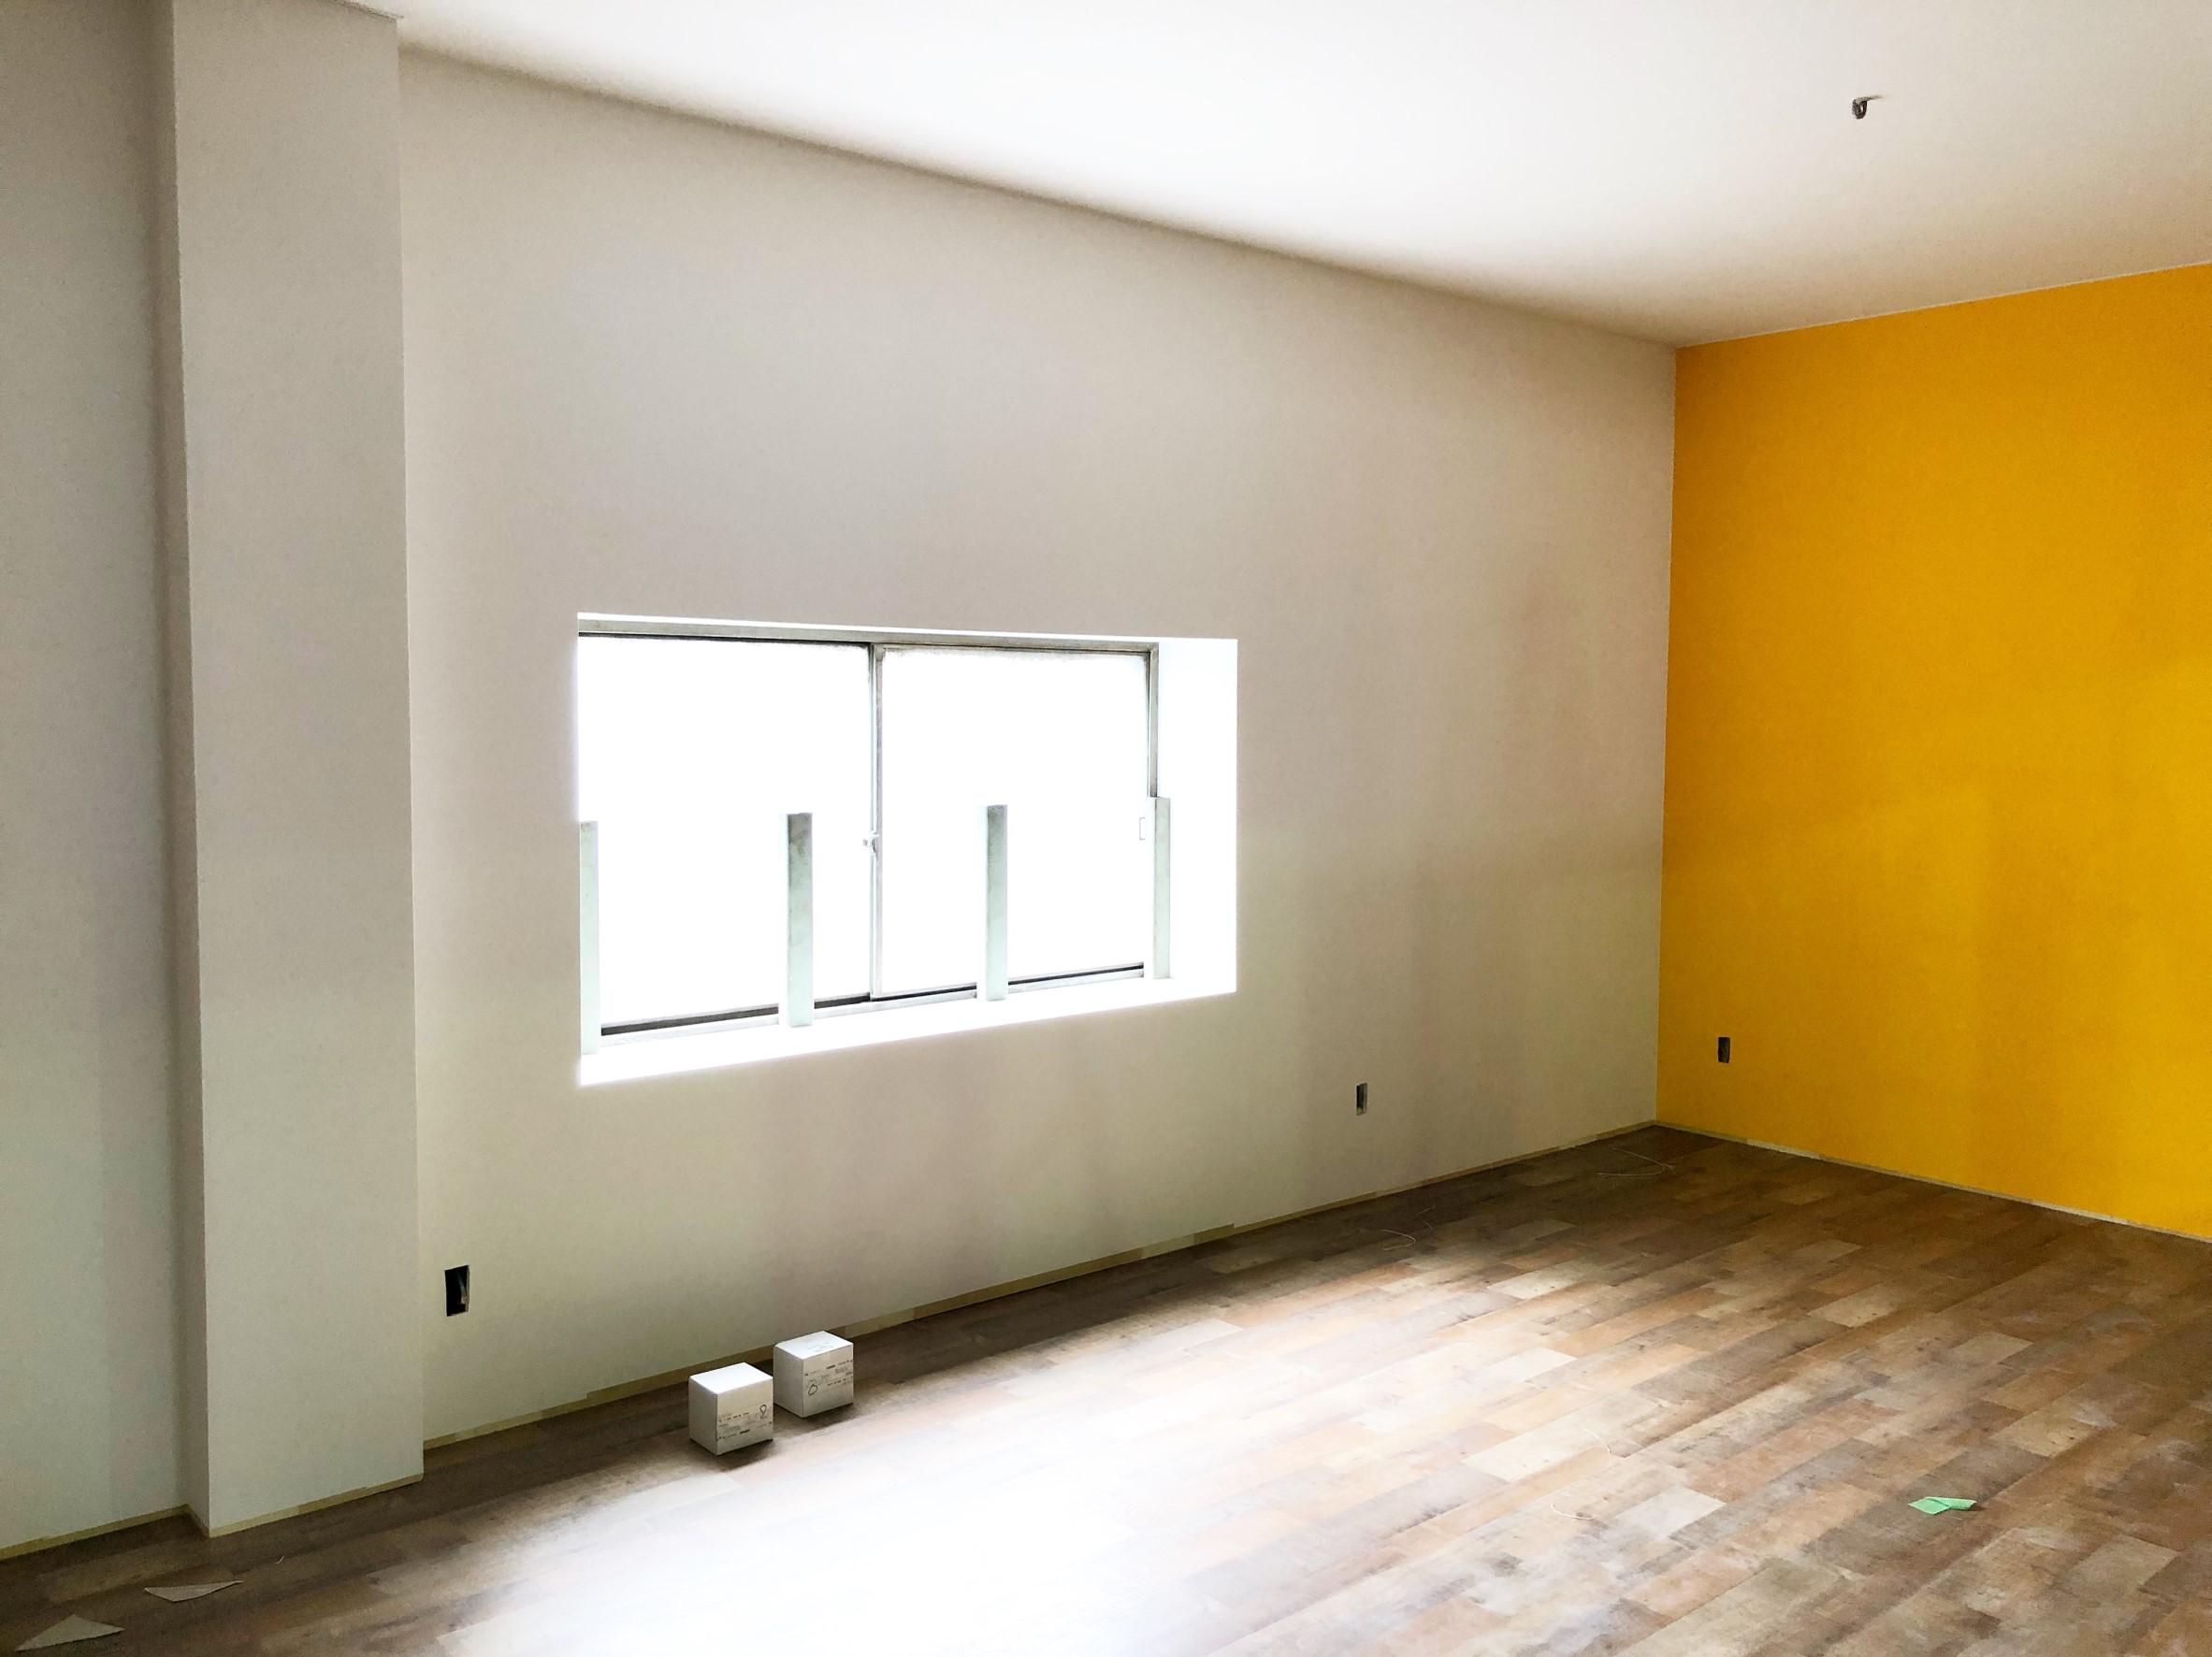 とうとう️外枠が完成しました^_^#クラフトルーム #製本工場 #黄色壁